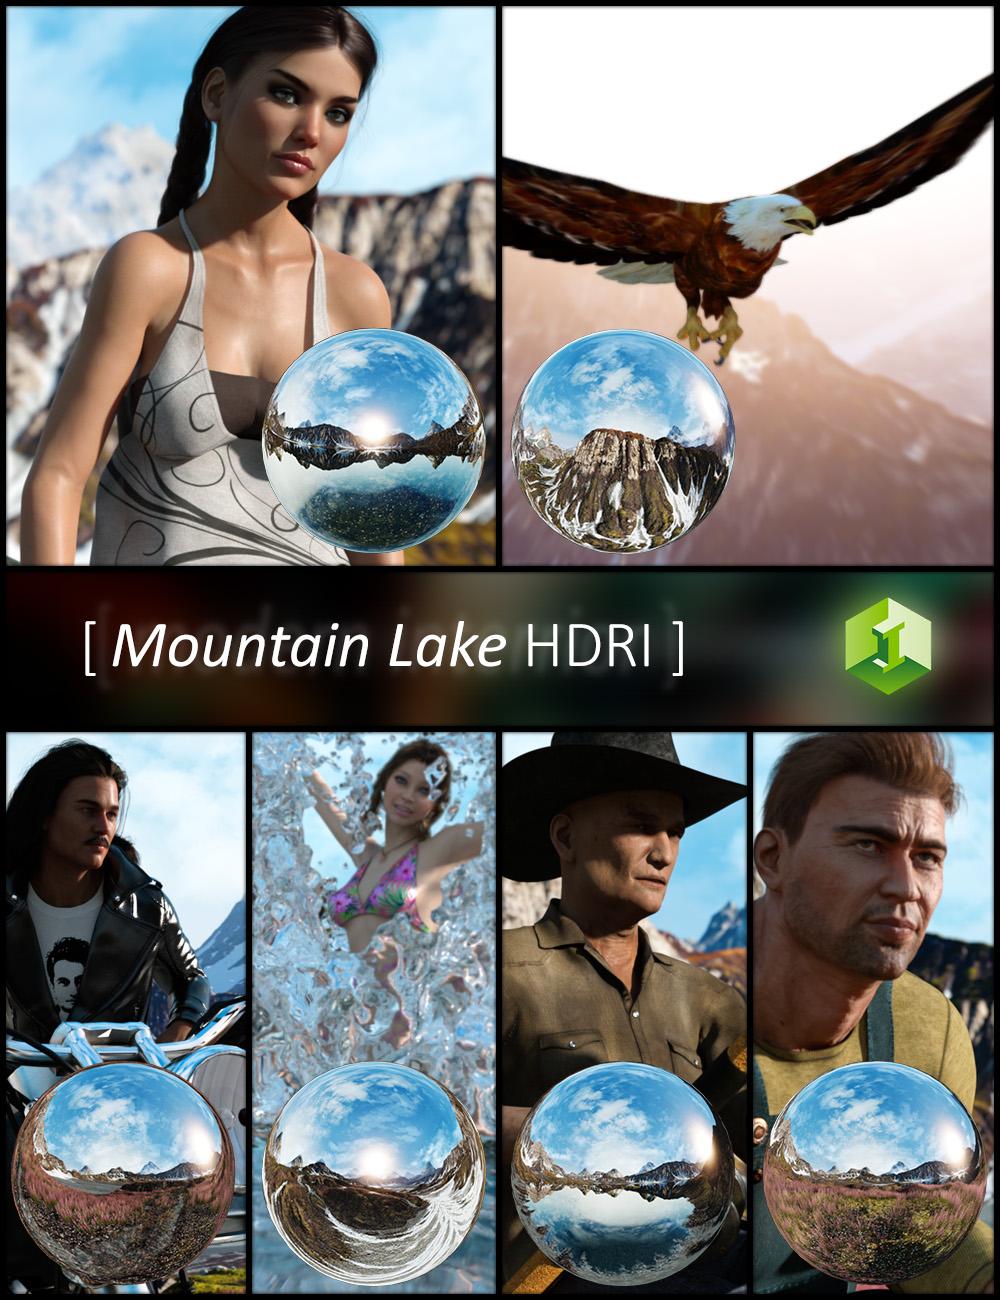 Mountain Lake HDRI by: JDA HDRI, 3D Models by Daz 3D